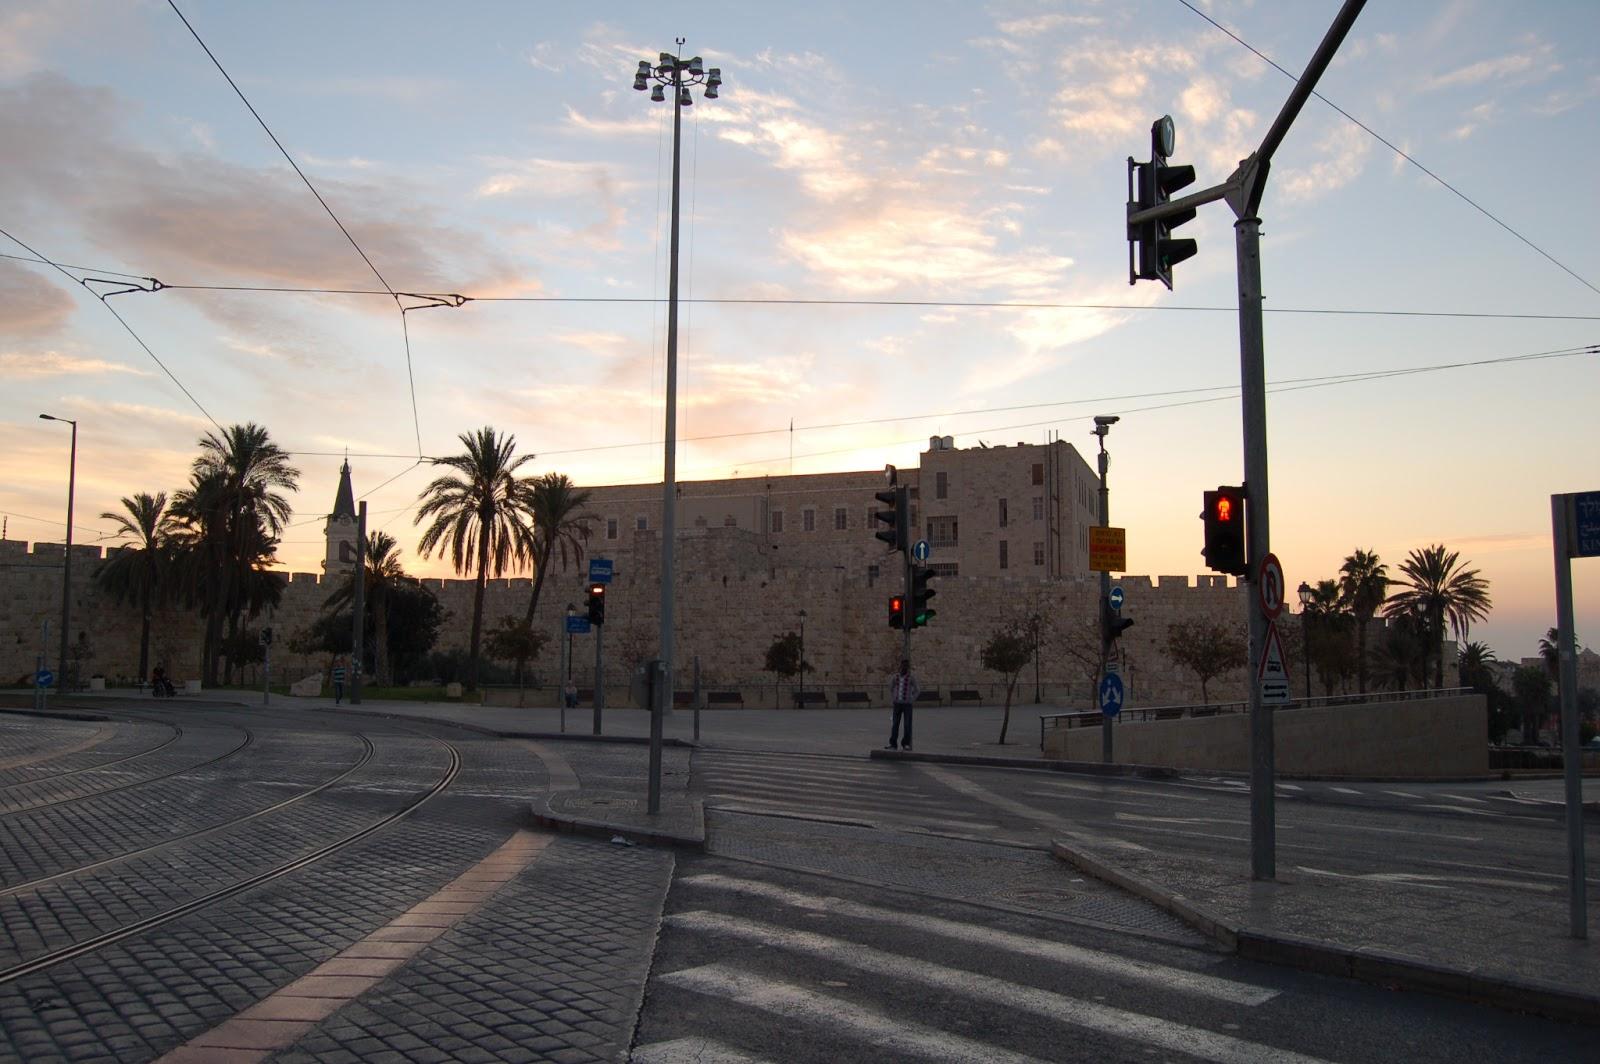 Poprzednim razem w Izraelu … wprowadzenie w klimat przed kolejną wyprawą IZRAEL